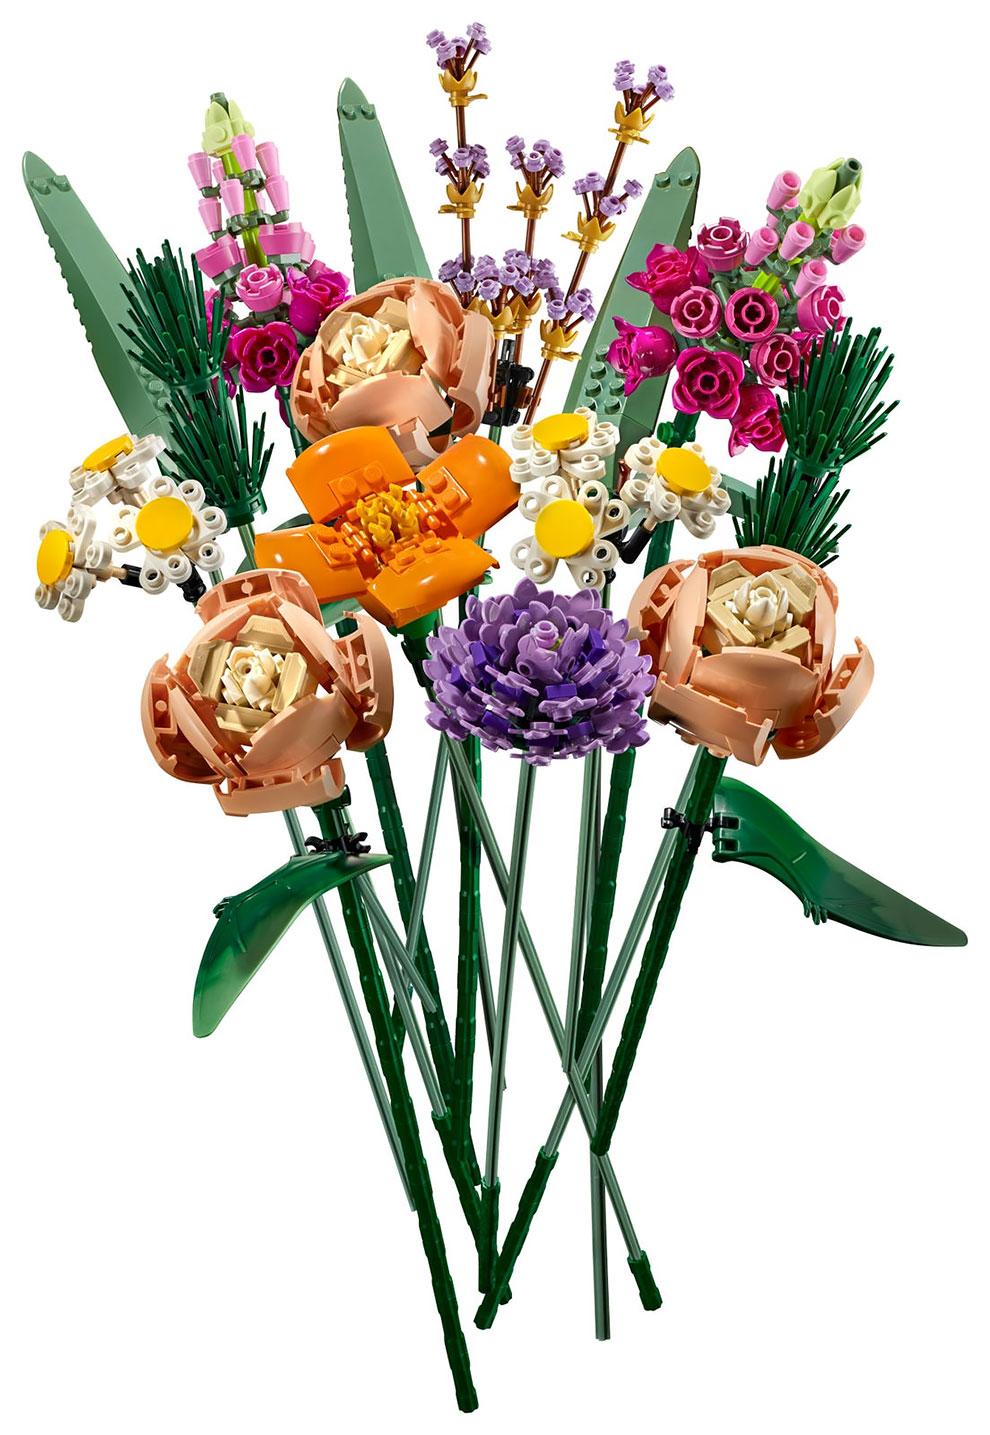 Plastic Beauty Lego Unveils New Flower Bouquet Collection